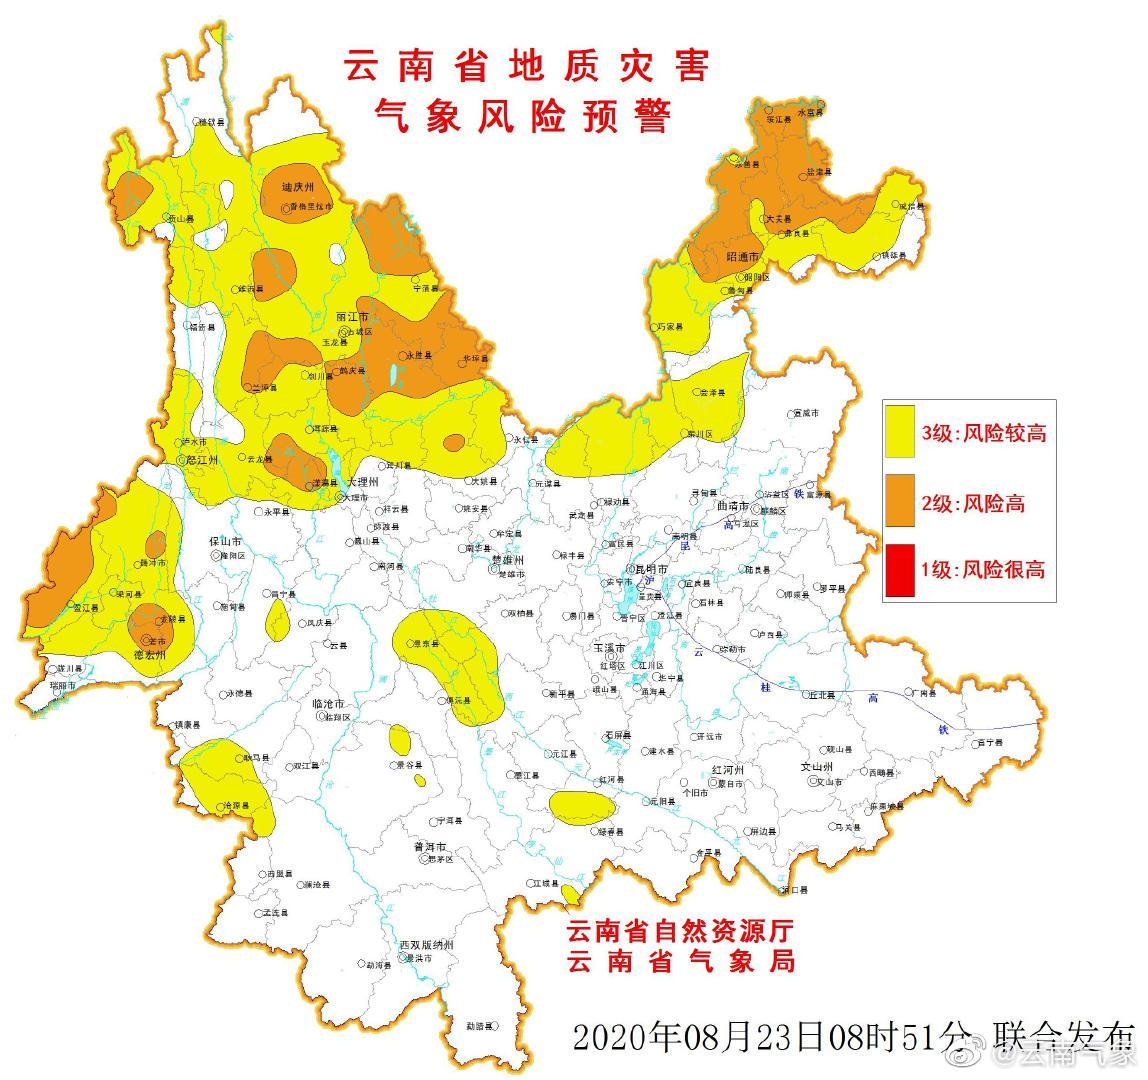 23日至24日云南大部多阵雨或雷阵雨 地质灾祸危害高